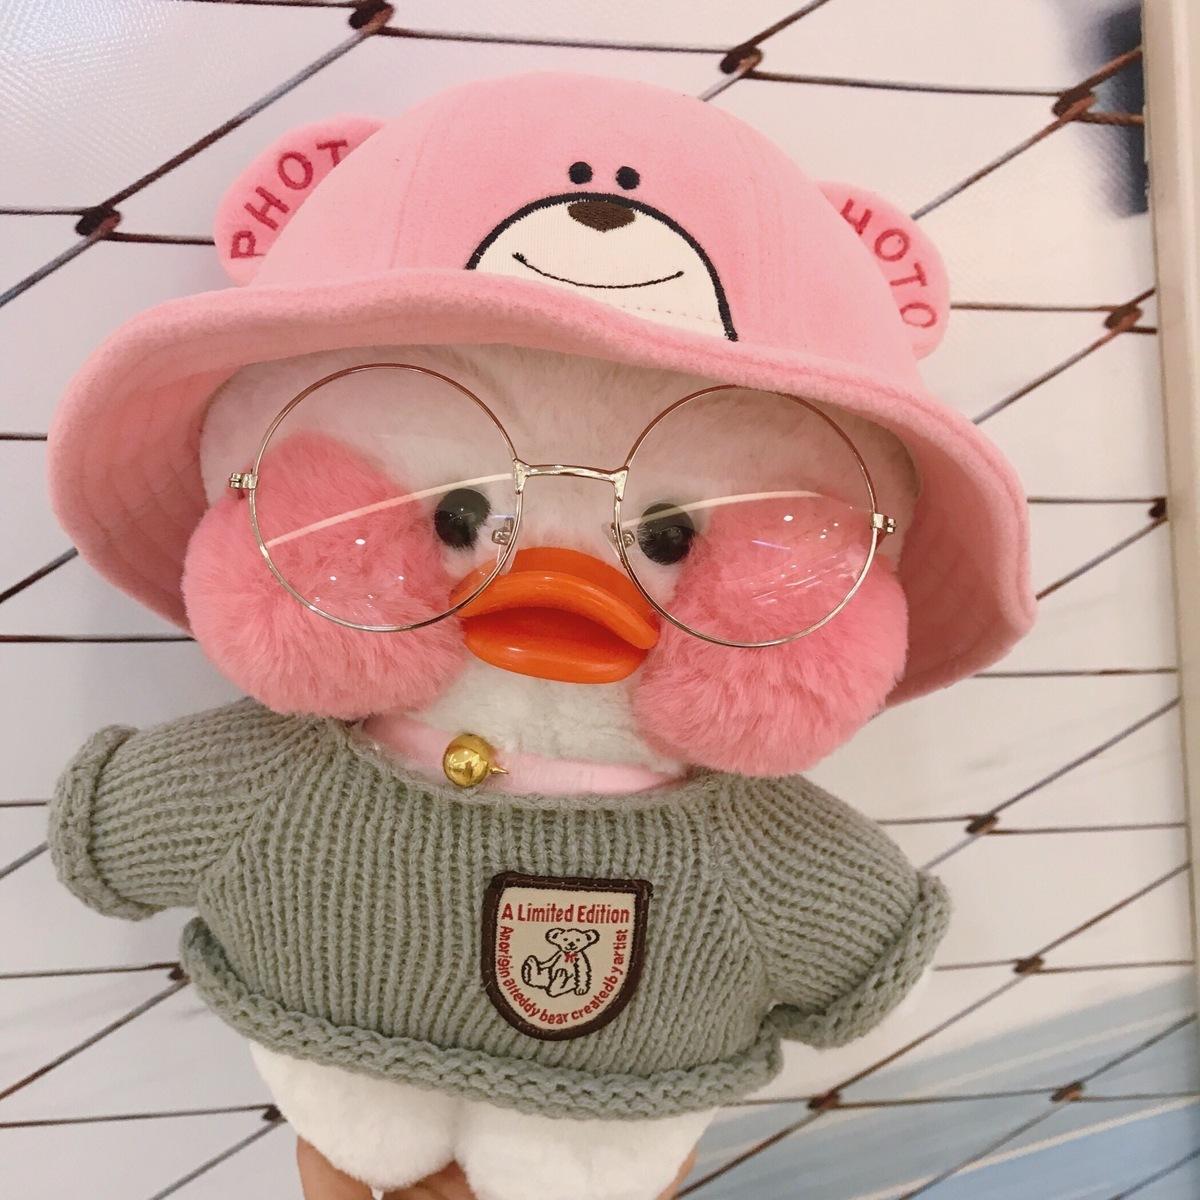 网红小黄鸭玻尿酸鸭公仔少女心娃娃生日礼物女生女孩毛绒玩具玩偶 19.90元